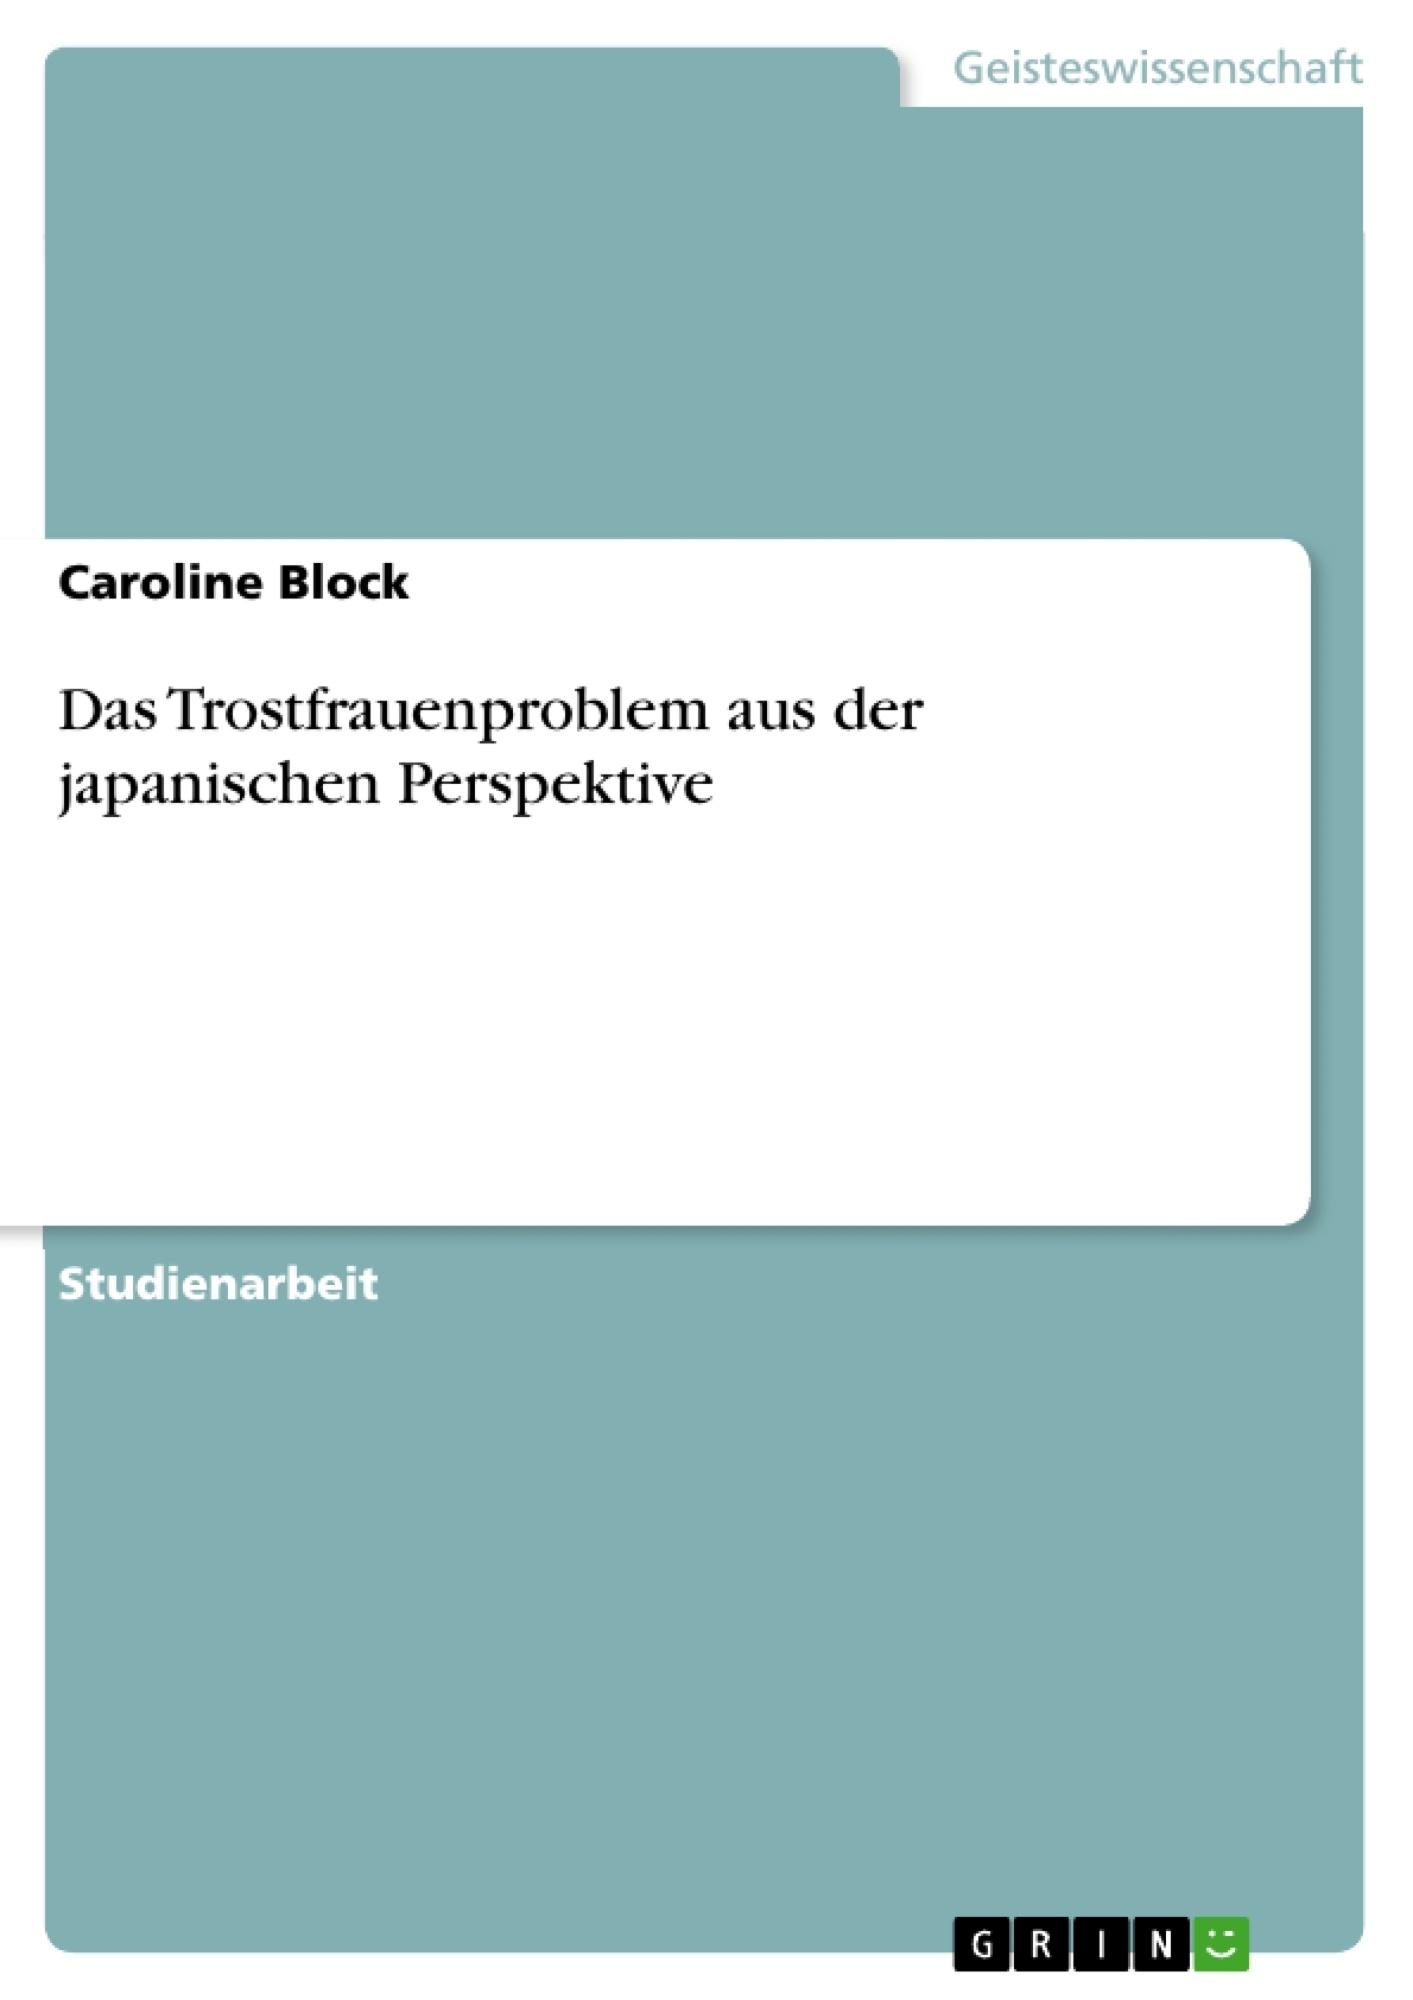 Titel: Das Trostfrauenproblem aus der japanischen Perspektive